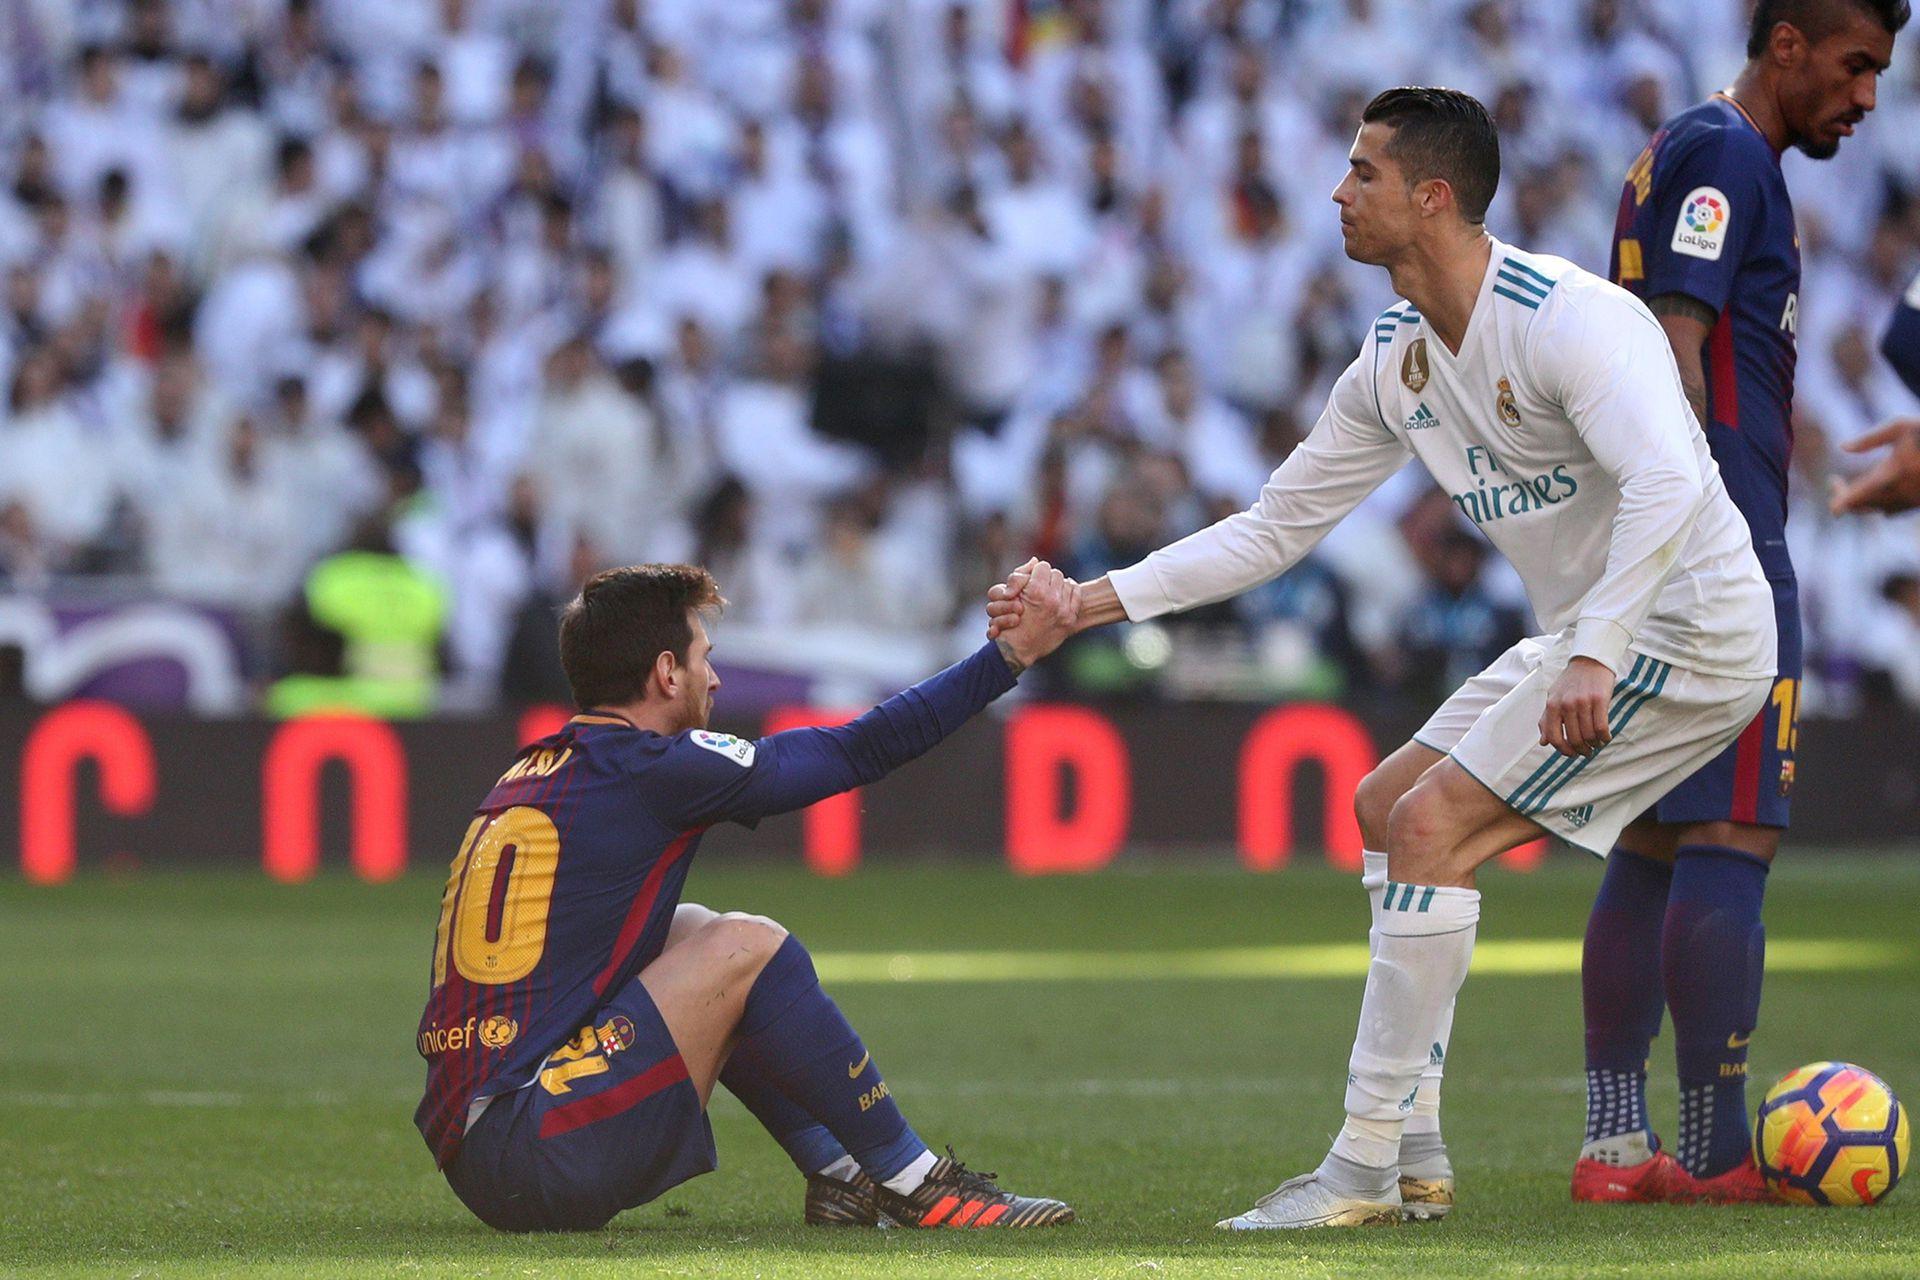 Messi y Cristiano se enfrentaron en 35 ocasiones. Leo ganó 16 y marcó 22 goles contra 10 y 19 tantos del portugués. Igualaron en los 9 restantes